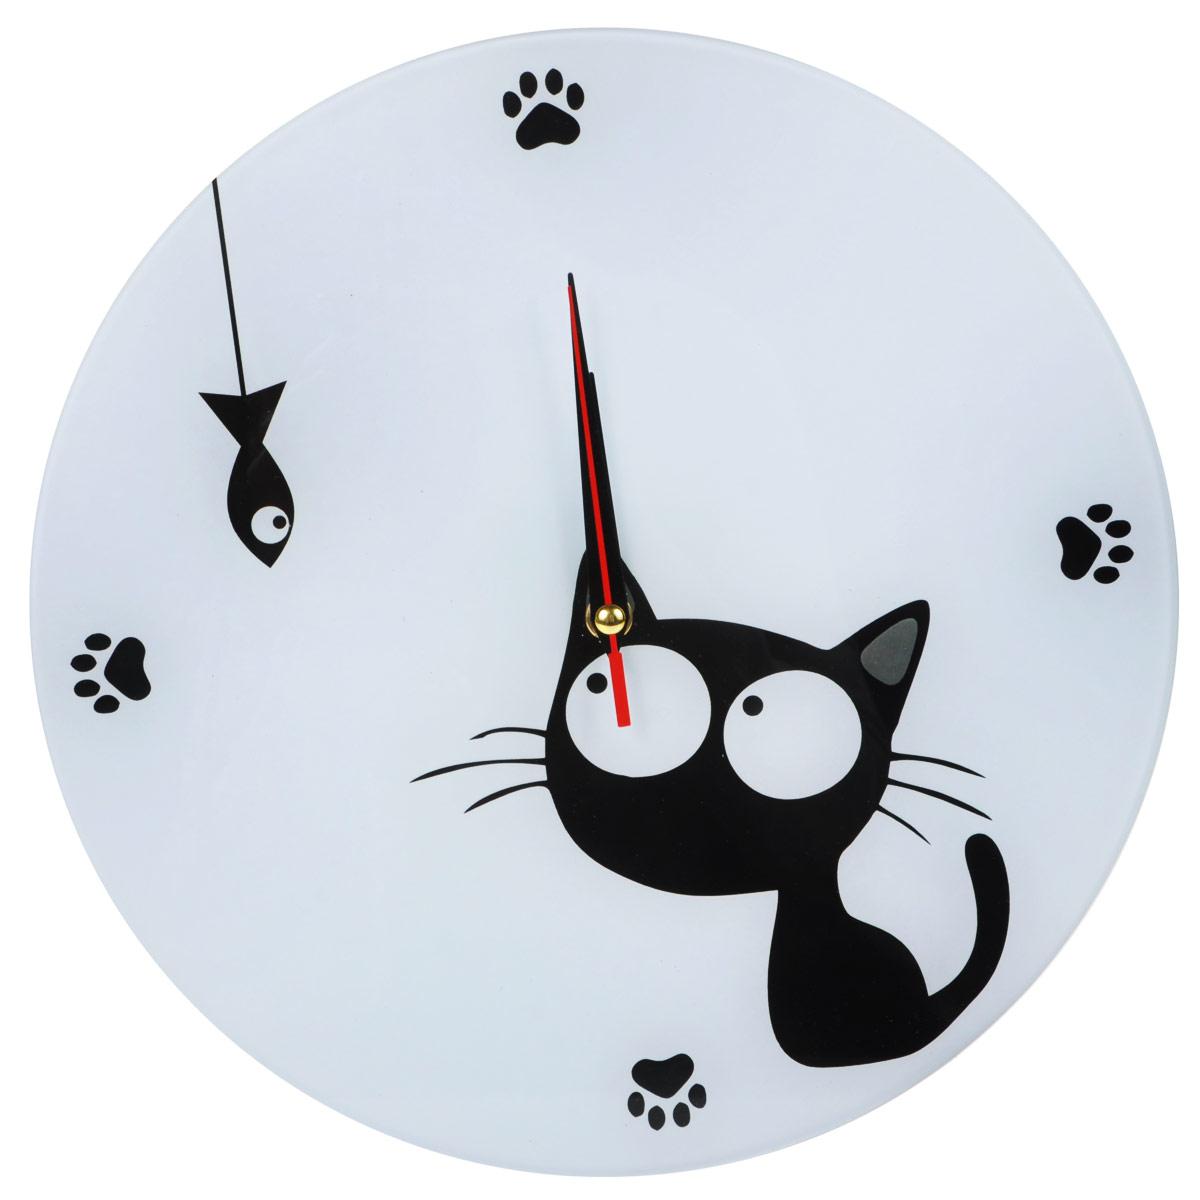 Часы настенные Котенок с рыбкой, стеклянные, цвет: черный, белый. 95547300074_ежевикаОригинальные настенные часы Котенок с рыбкой круглой формы выполнены из стекла и оформлены изображением котенка и рыбки. Часы имеют три стрелки - часовую, минутную и секундную. Циферблат часов не защищен. Необычное дизайнерское решение и качество исполнения придутся по вкусу каждому. Оформите свой дом таким интерьерным аксессуаром или преподнесите его в качестве презента друзьям, и они оценят ваш оригинальный вкус и неординарность подарка. Характеристики:Материал: пластик, стекло. Диаметр: 28 см. Тихий ход. Работают от батарейки типа АА (в комплект не входит).